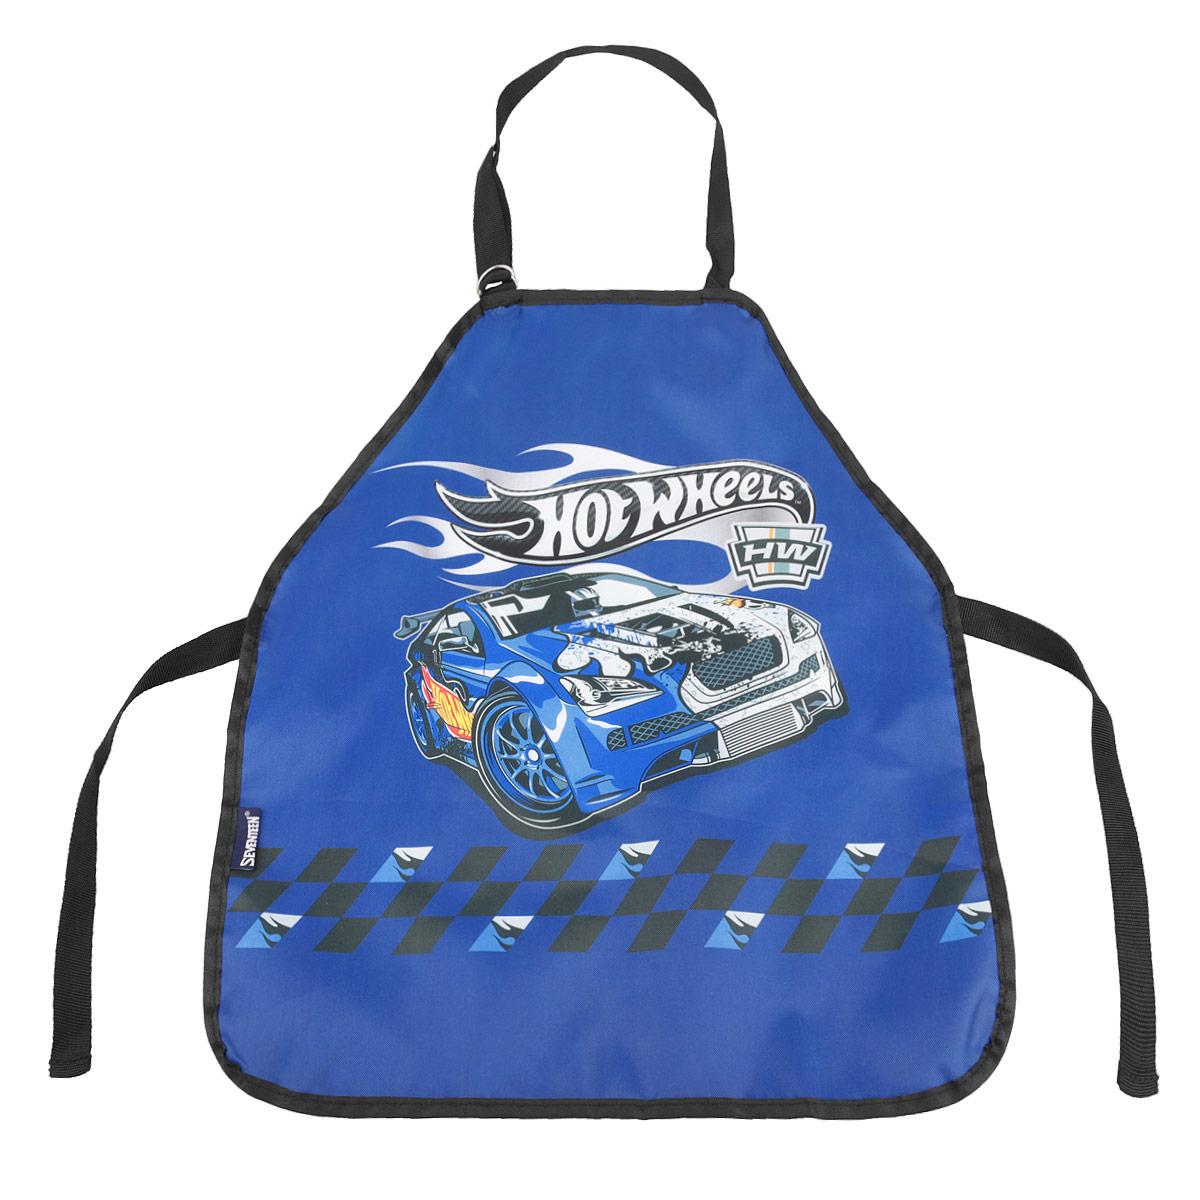 Фартук для труда Hot Wheels, цвет: синийHWCB-UT1-029MФартук для детского творчества Hot Wheels надежно защитит одежду ребенка во время занятий рисованием, лепкой и на уроках труда. Фартук изготовлен из прочной водонепроницаемой легкостирающейся ткани синего цвета и оформлен изображением гоночной машины. Его можно зафиксировать на талии и на шее с помощью специальных ремней. Завязки позволяют зафиксировать фартук на талии. Ремень, предназначенный для фиксации на шее, имеет металлические приспособления для регулировки длины. Ваш малыш сможет смело рисовать, не боясь испачкаться о свой шедевр, лепить из пластилина и заниматься многими творческими делами.